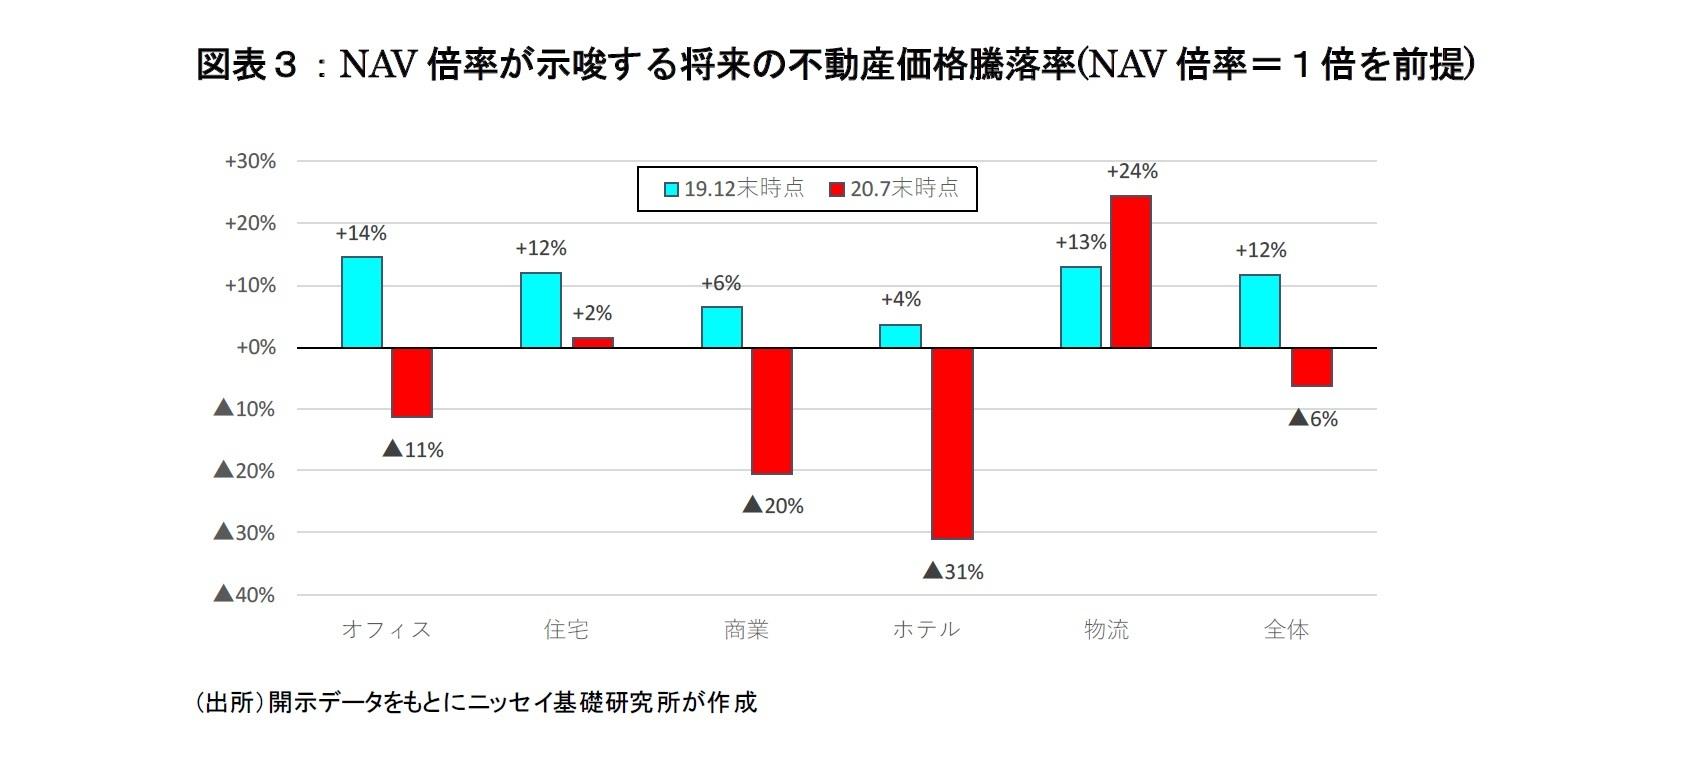 図表3:NAV倍率が示唆する将来の不動産価格騰落率(NAV倍率=1倍を前提)